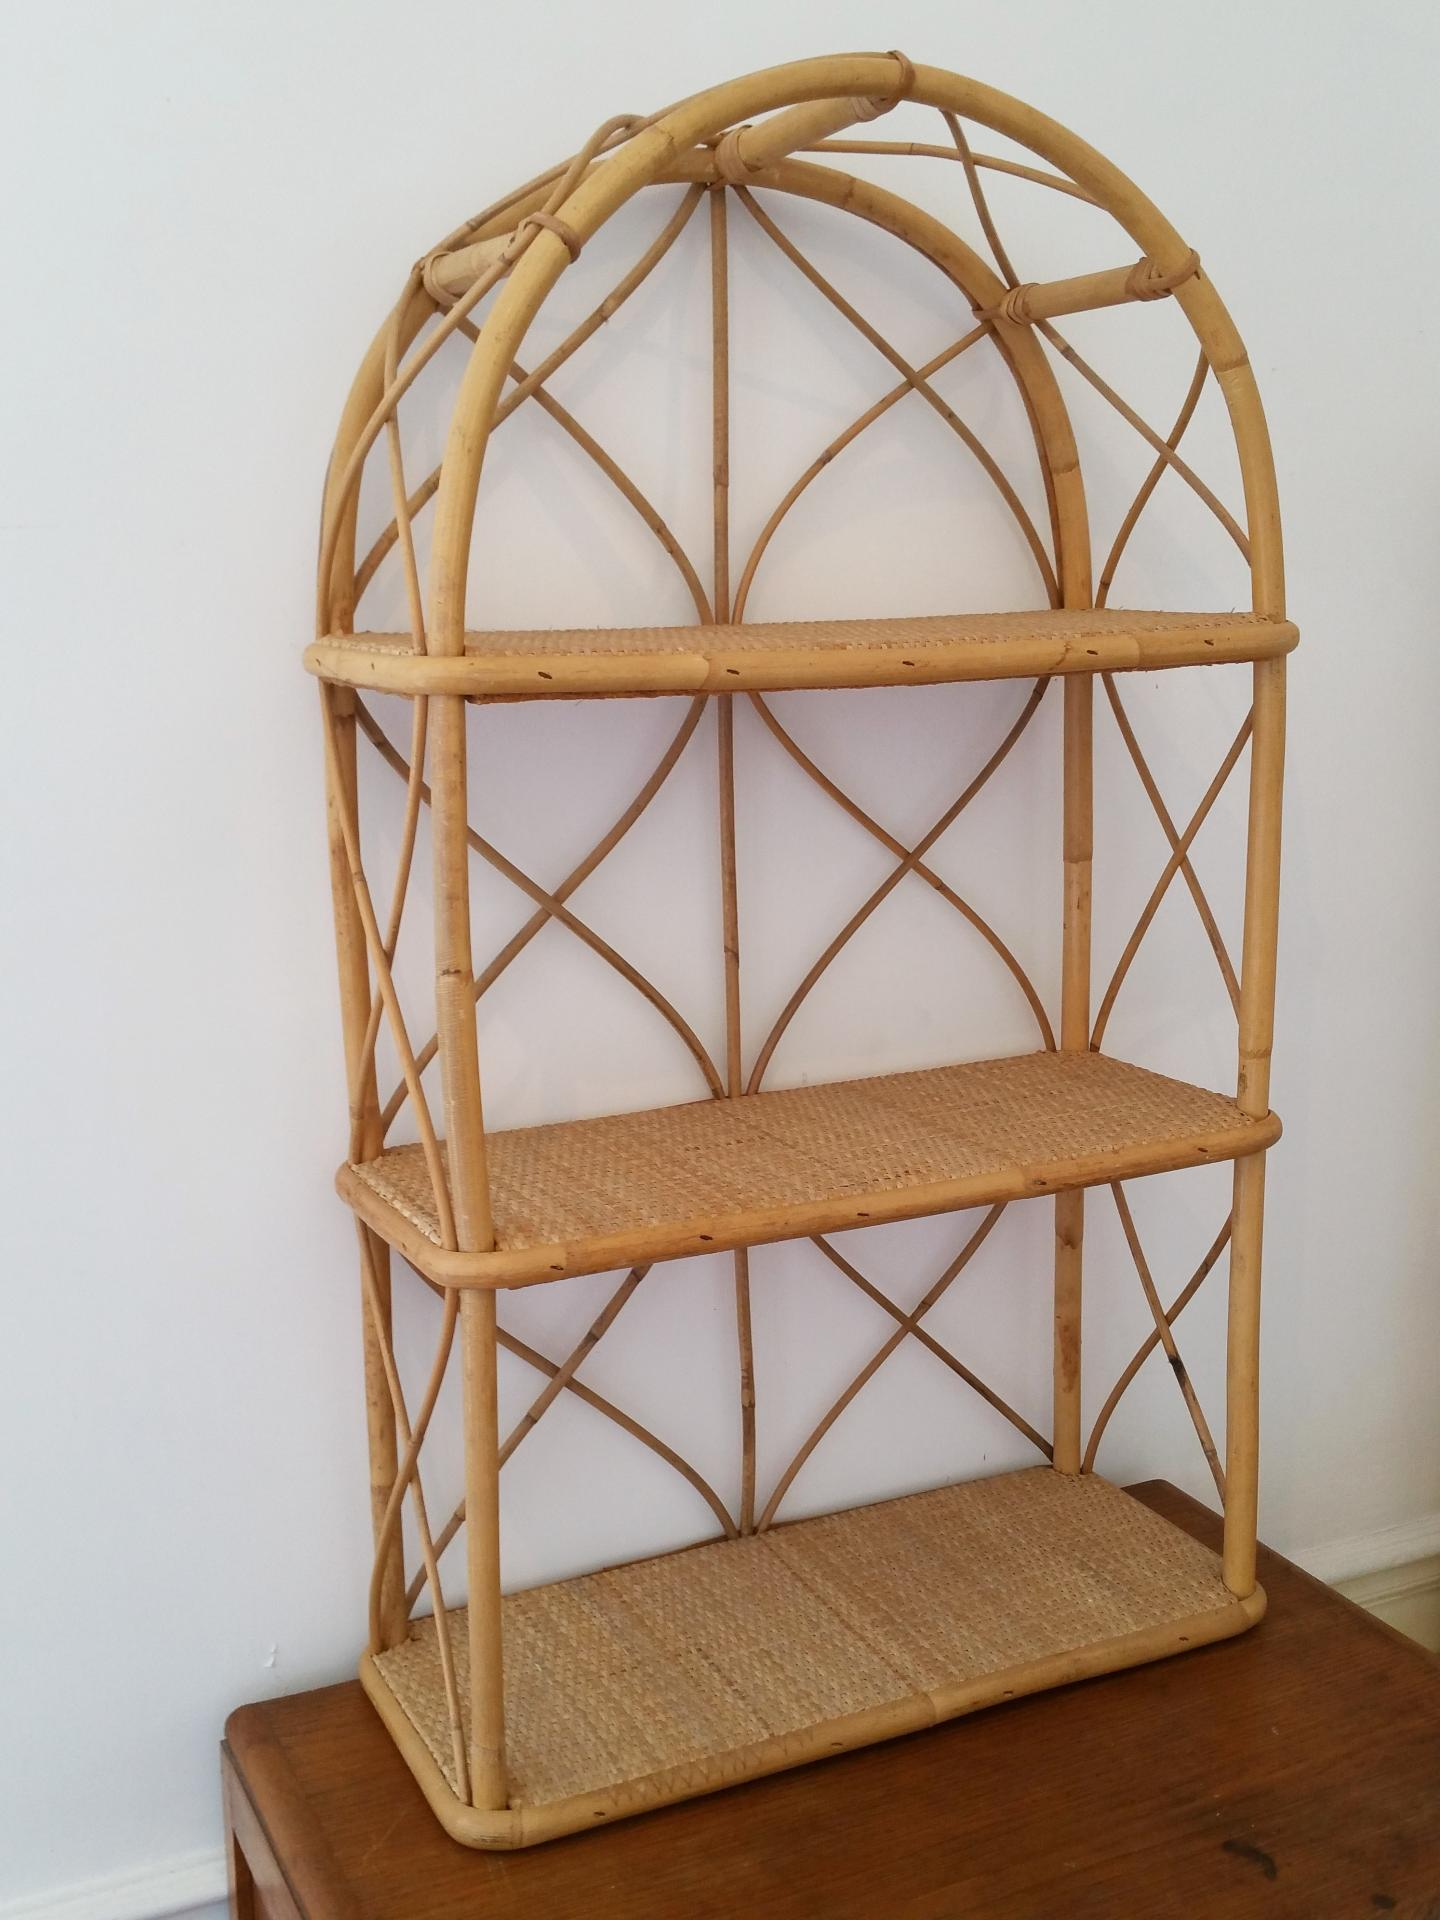 tag re biblioth que en osier rotin bambou vintage. Black Bedroom Furniture Sets. Home Design Ideas